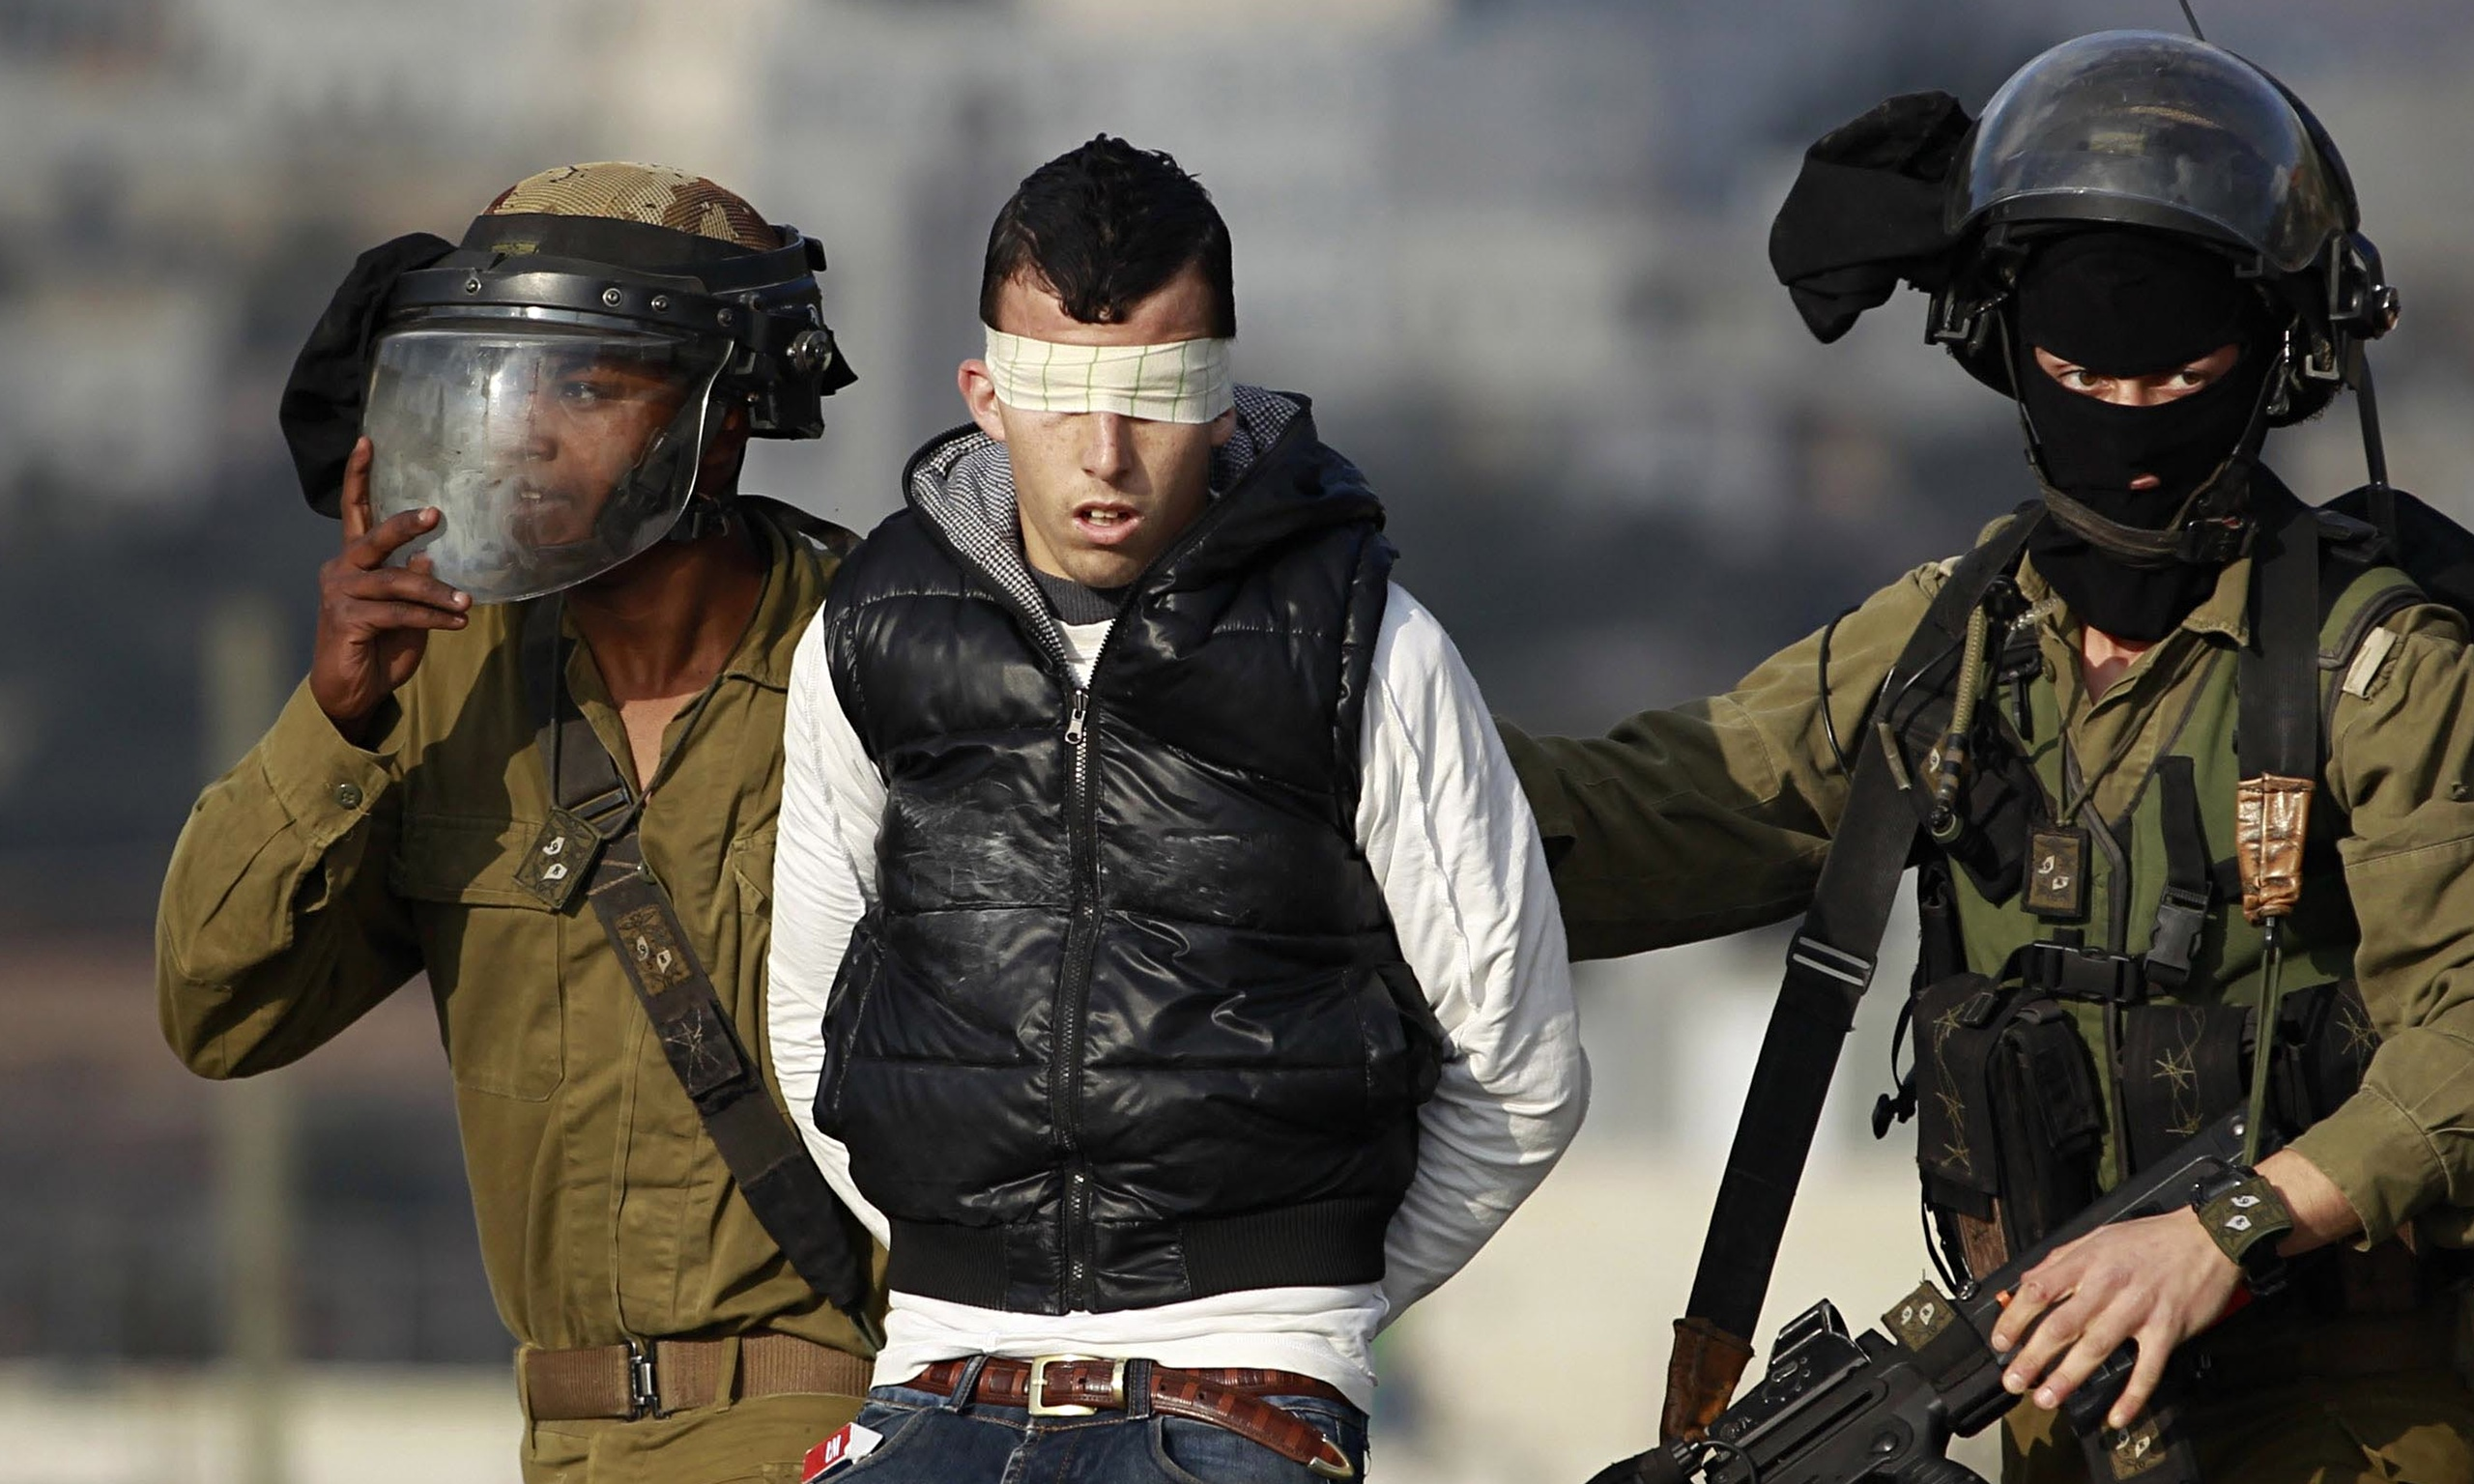 الاحتلال يعتقل 8 مواطنين ويزعم العثور على بندقية في الخليل